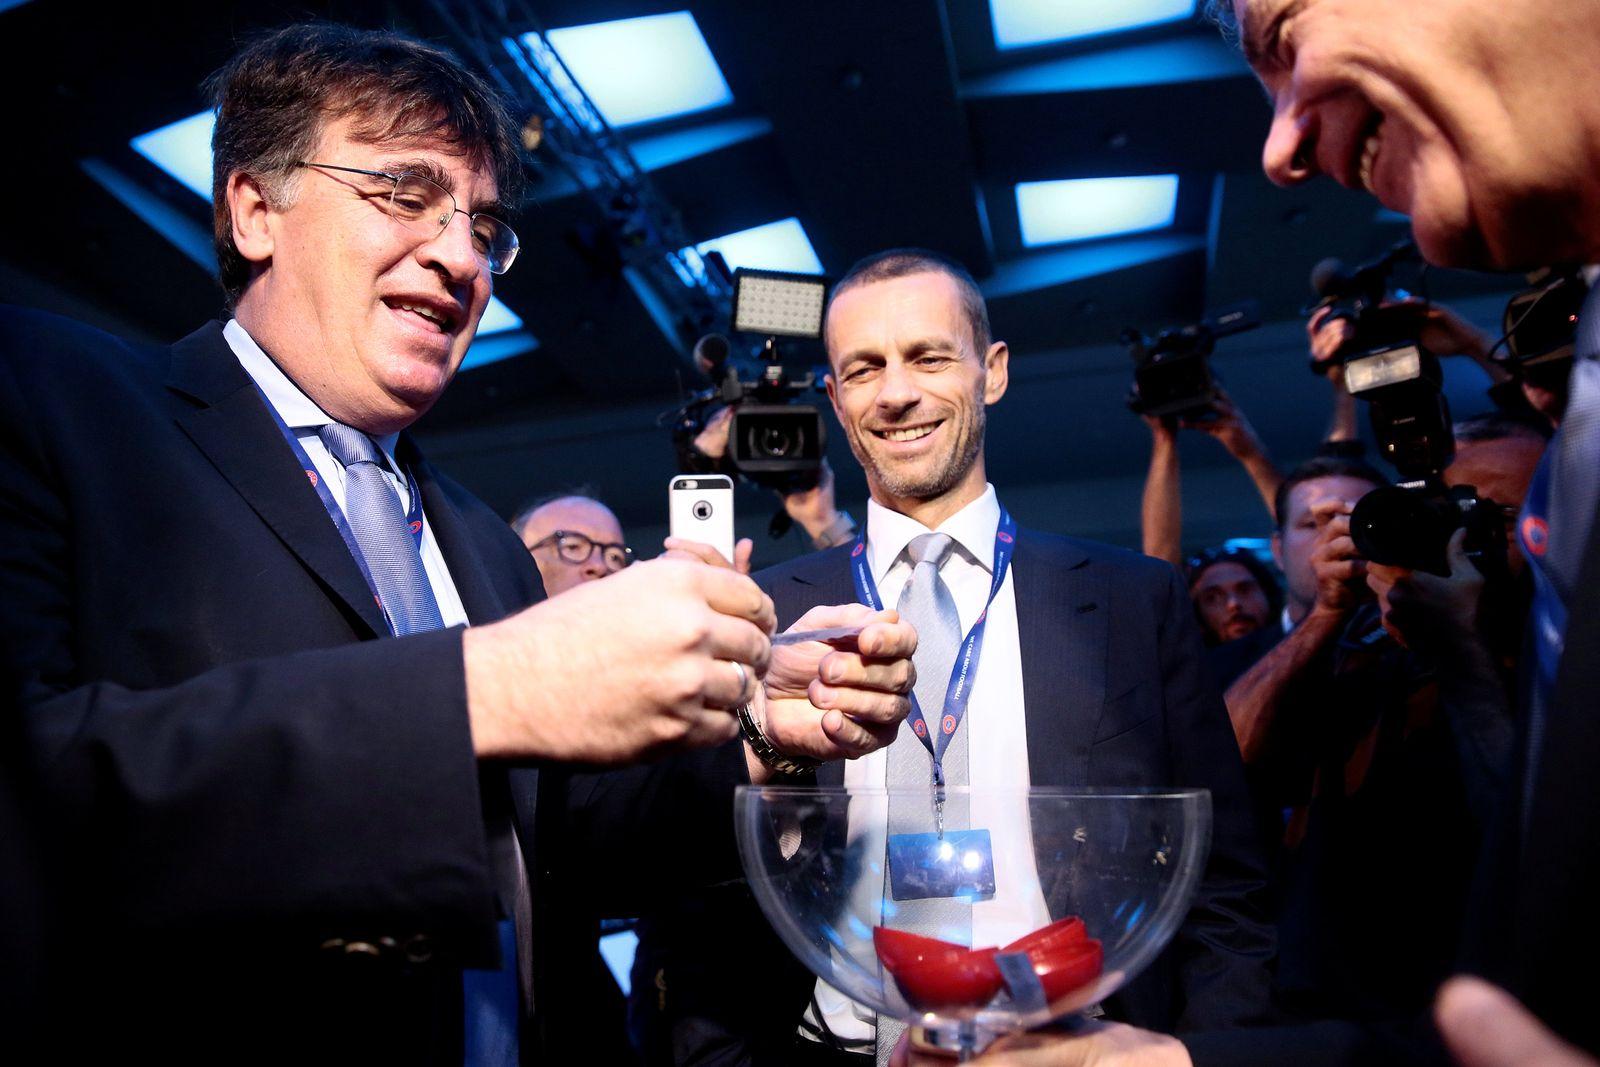 SOCCER-UEFA/ELECTION